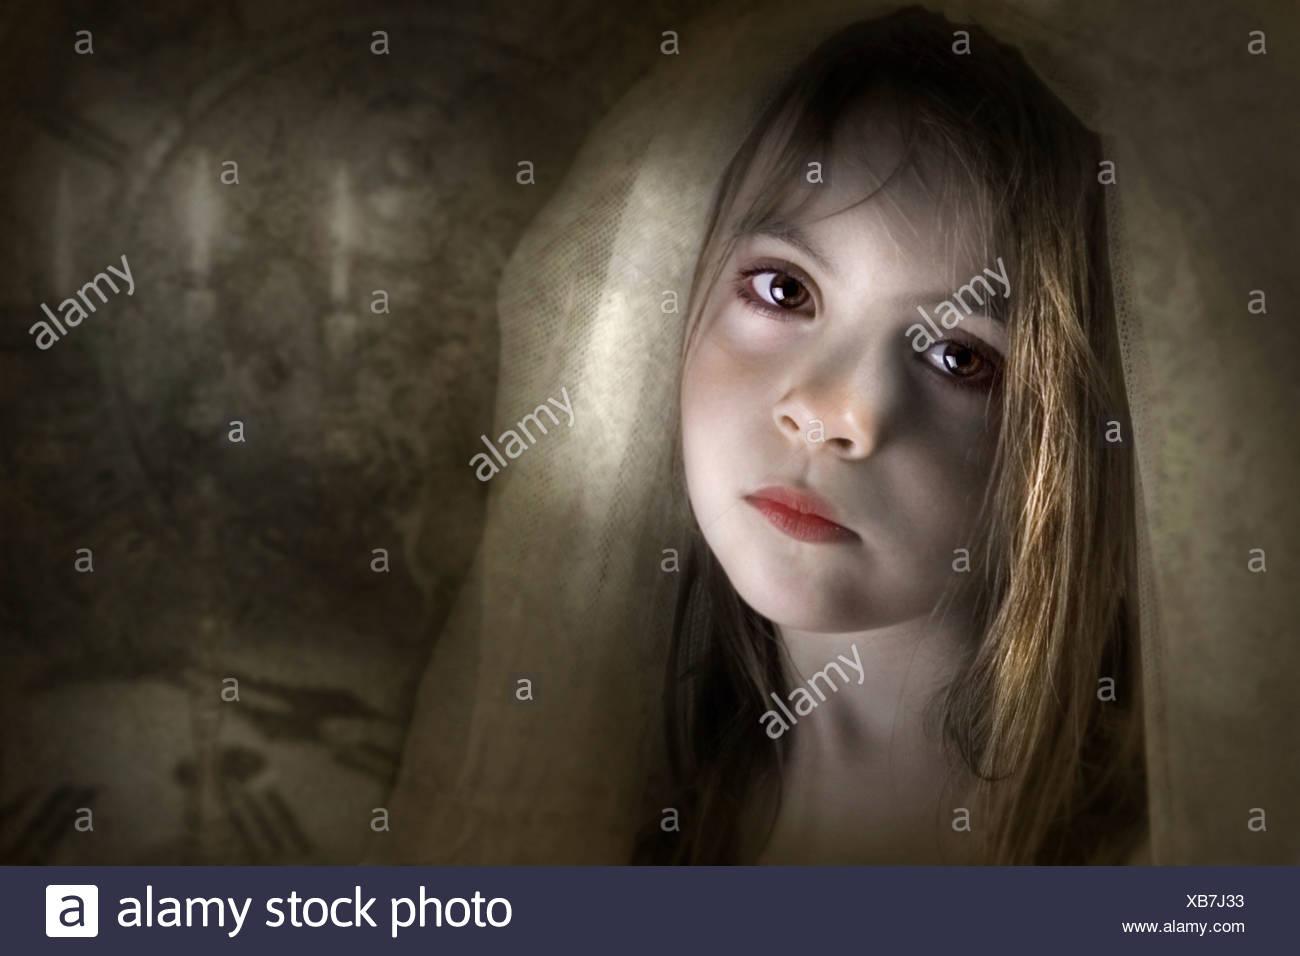 Niño joven vestida con un velo mirando a la cámara con tristeza o dolor en un establecimiento de ambiente Imagen De Stock